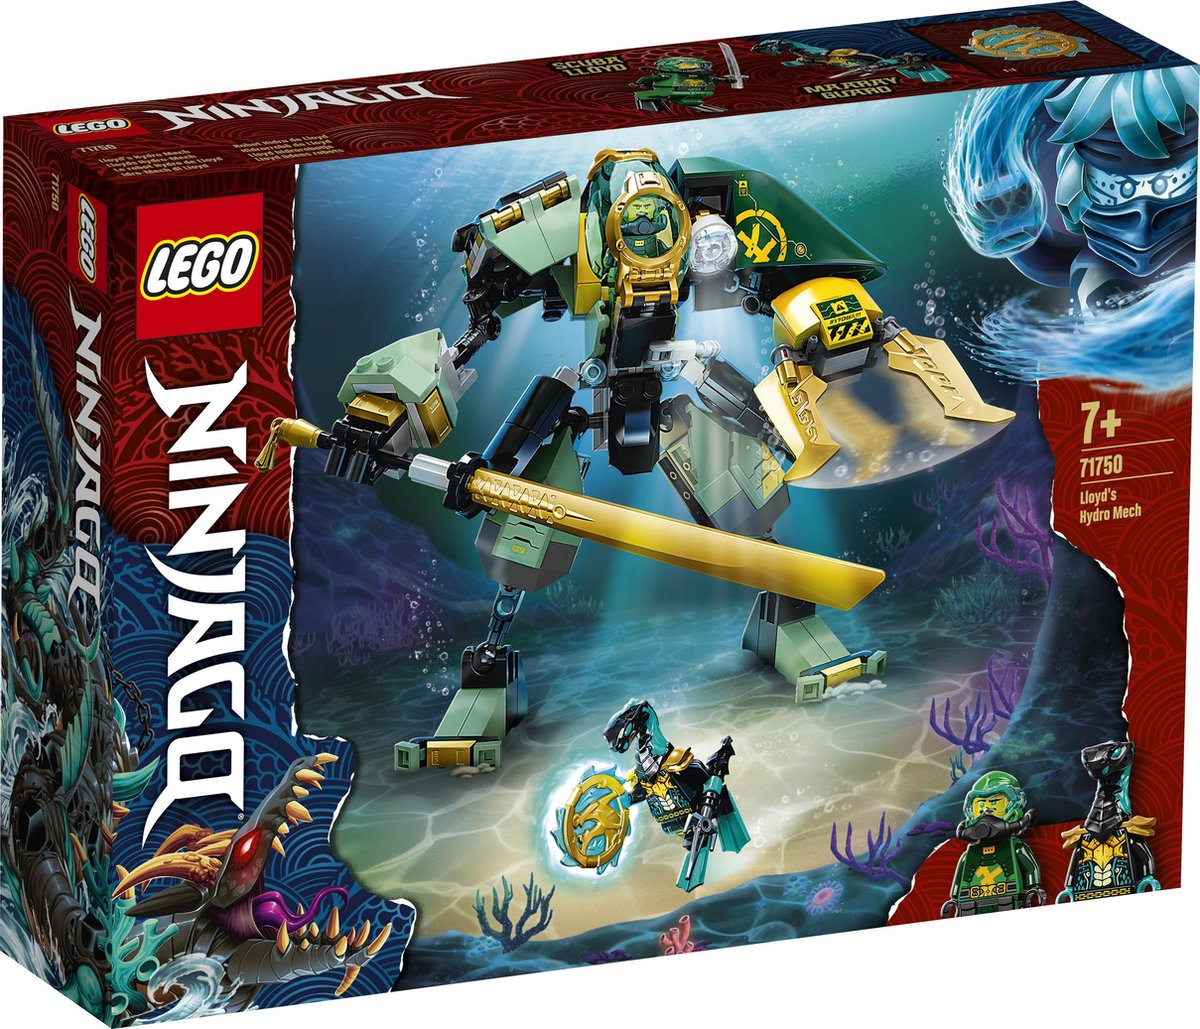 LEGO NINJAGO Lloyd's Hydro Mech - 71750